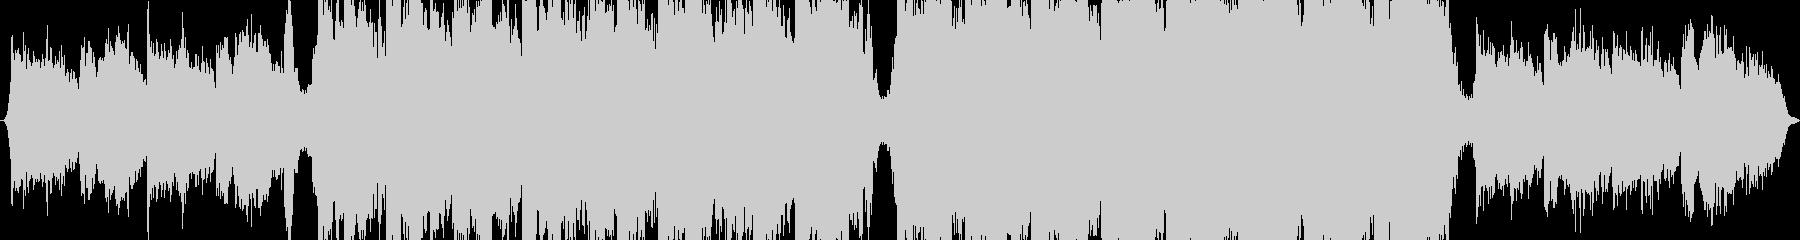 オーケストラの強力な背景の未再生の波形